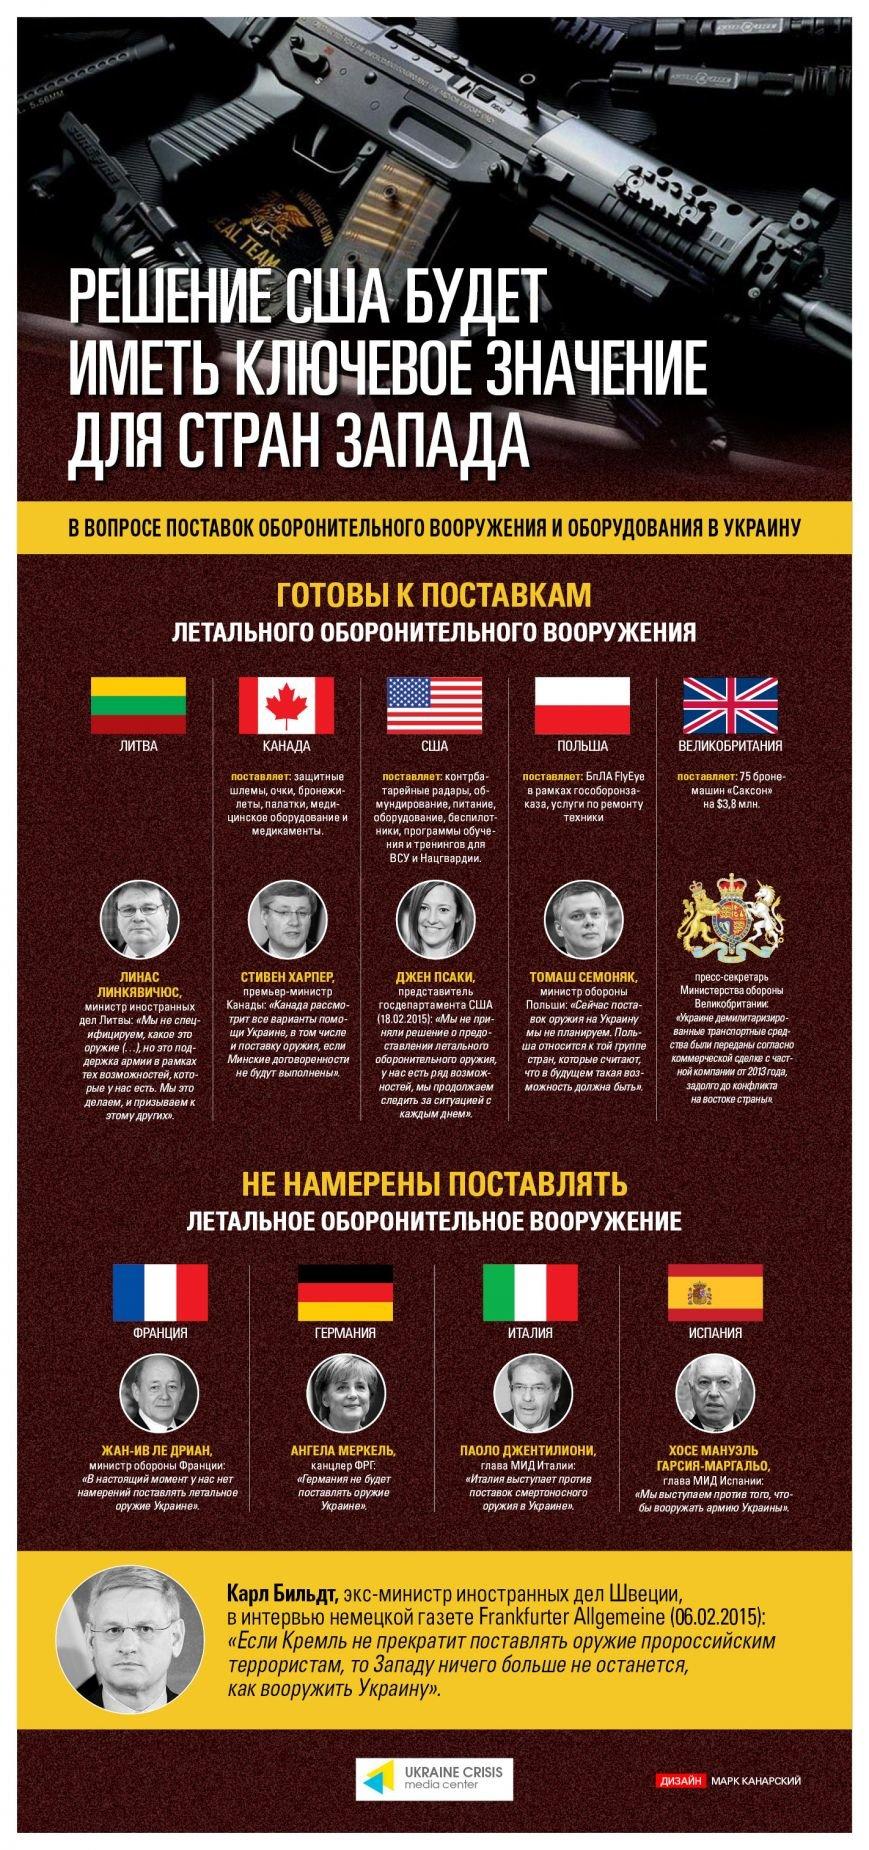 Решение США будет иметь ключевое значение для стран Запада (фото) - фото 1